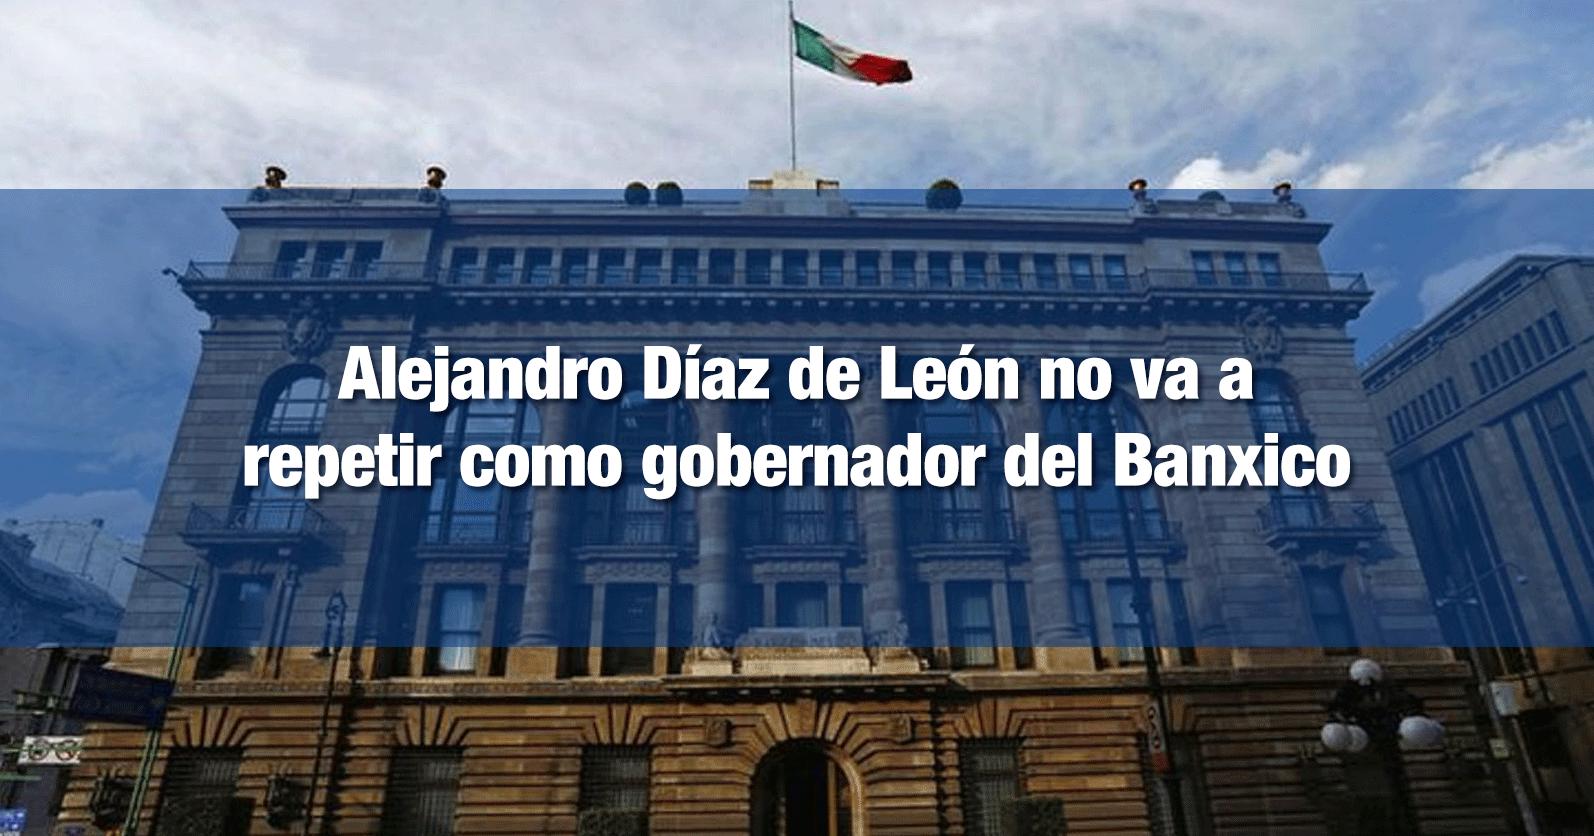 Alejandro Díaz de León no va a repetir como gobernador del Banxico